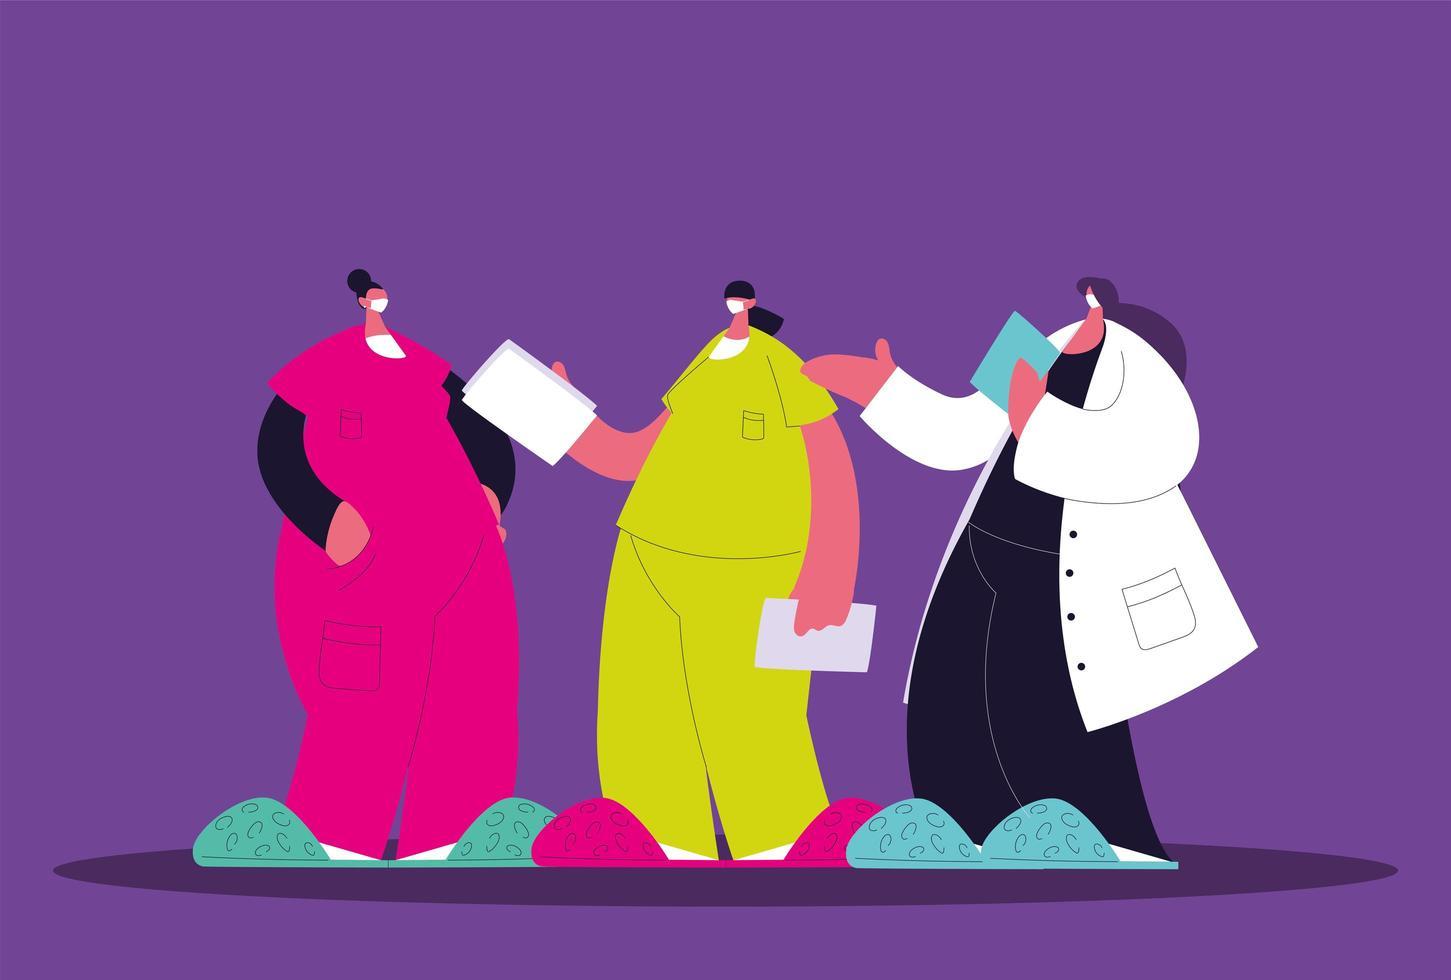 médicos femininos em pé. equipe médica vetor